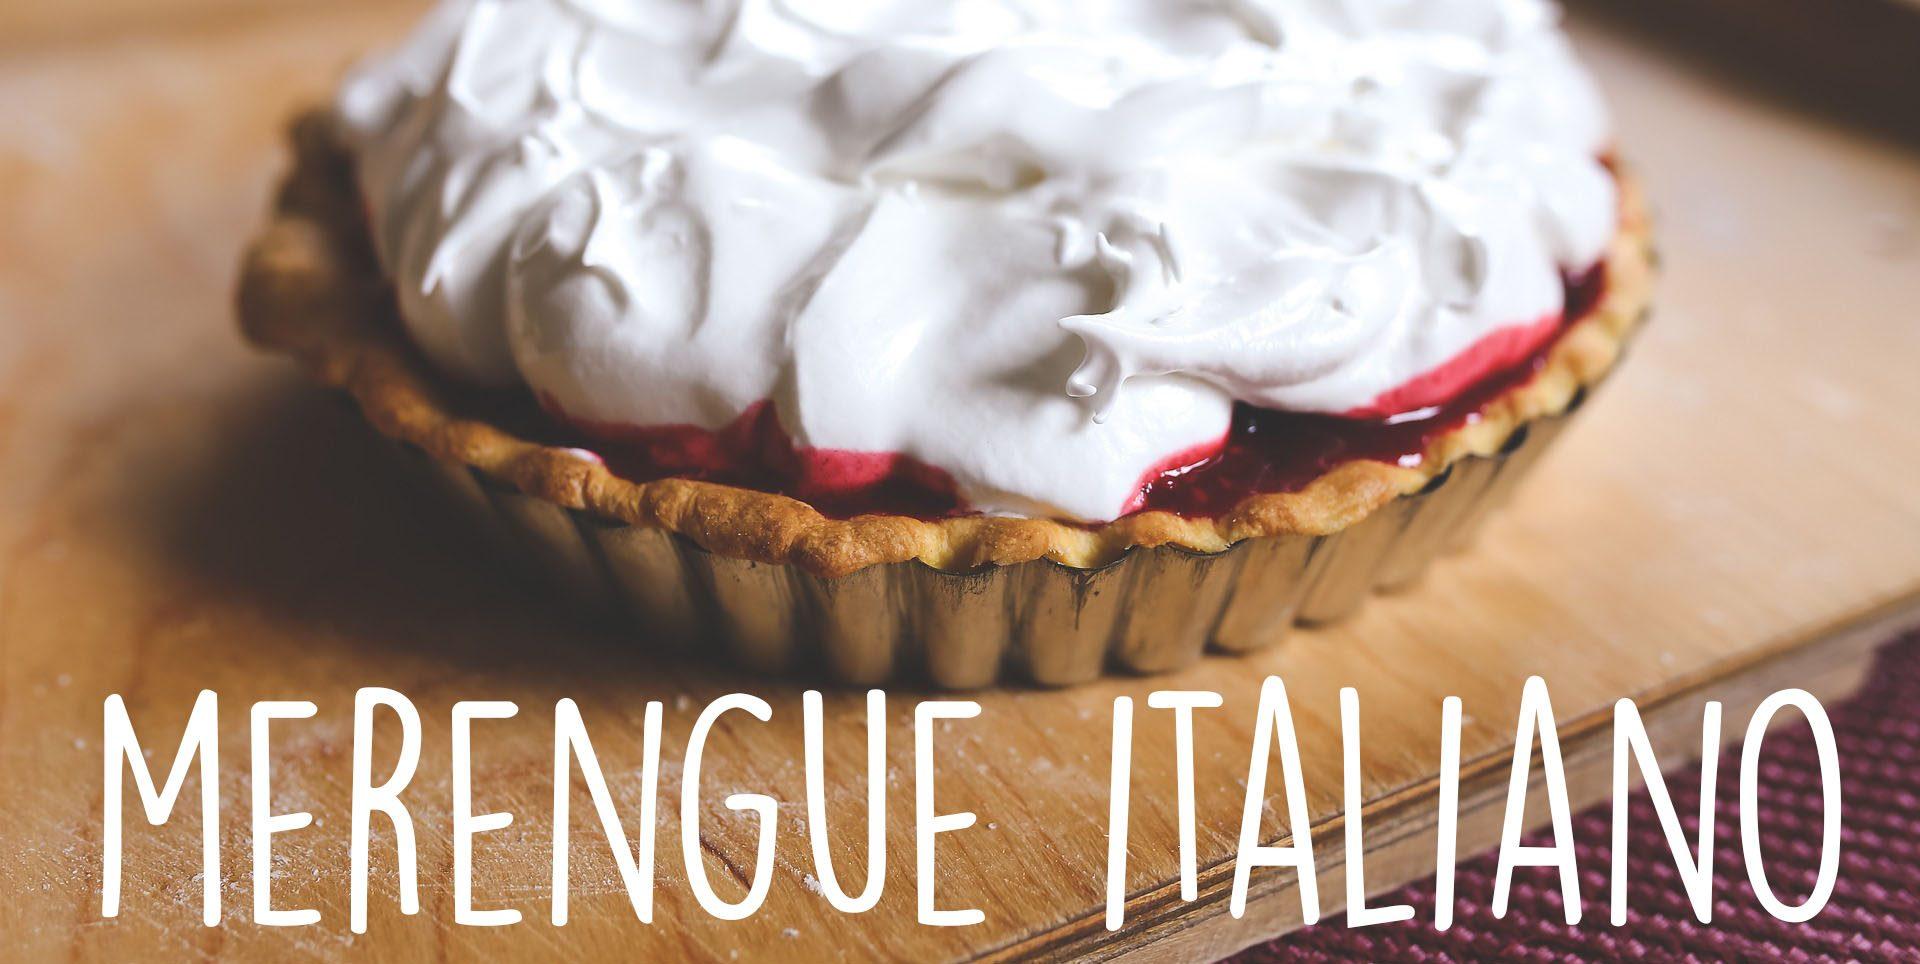 Como preparar merengue Italiano